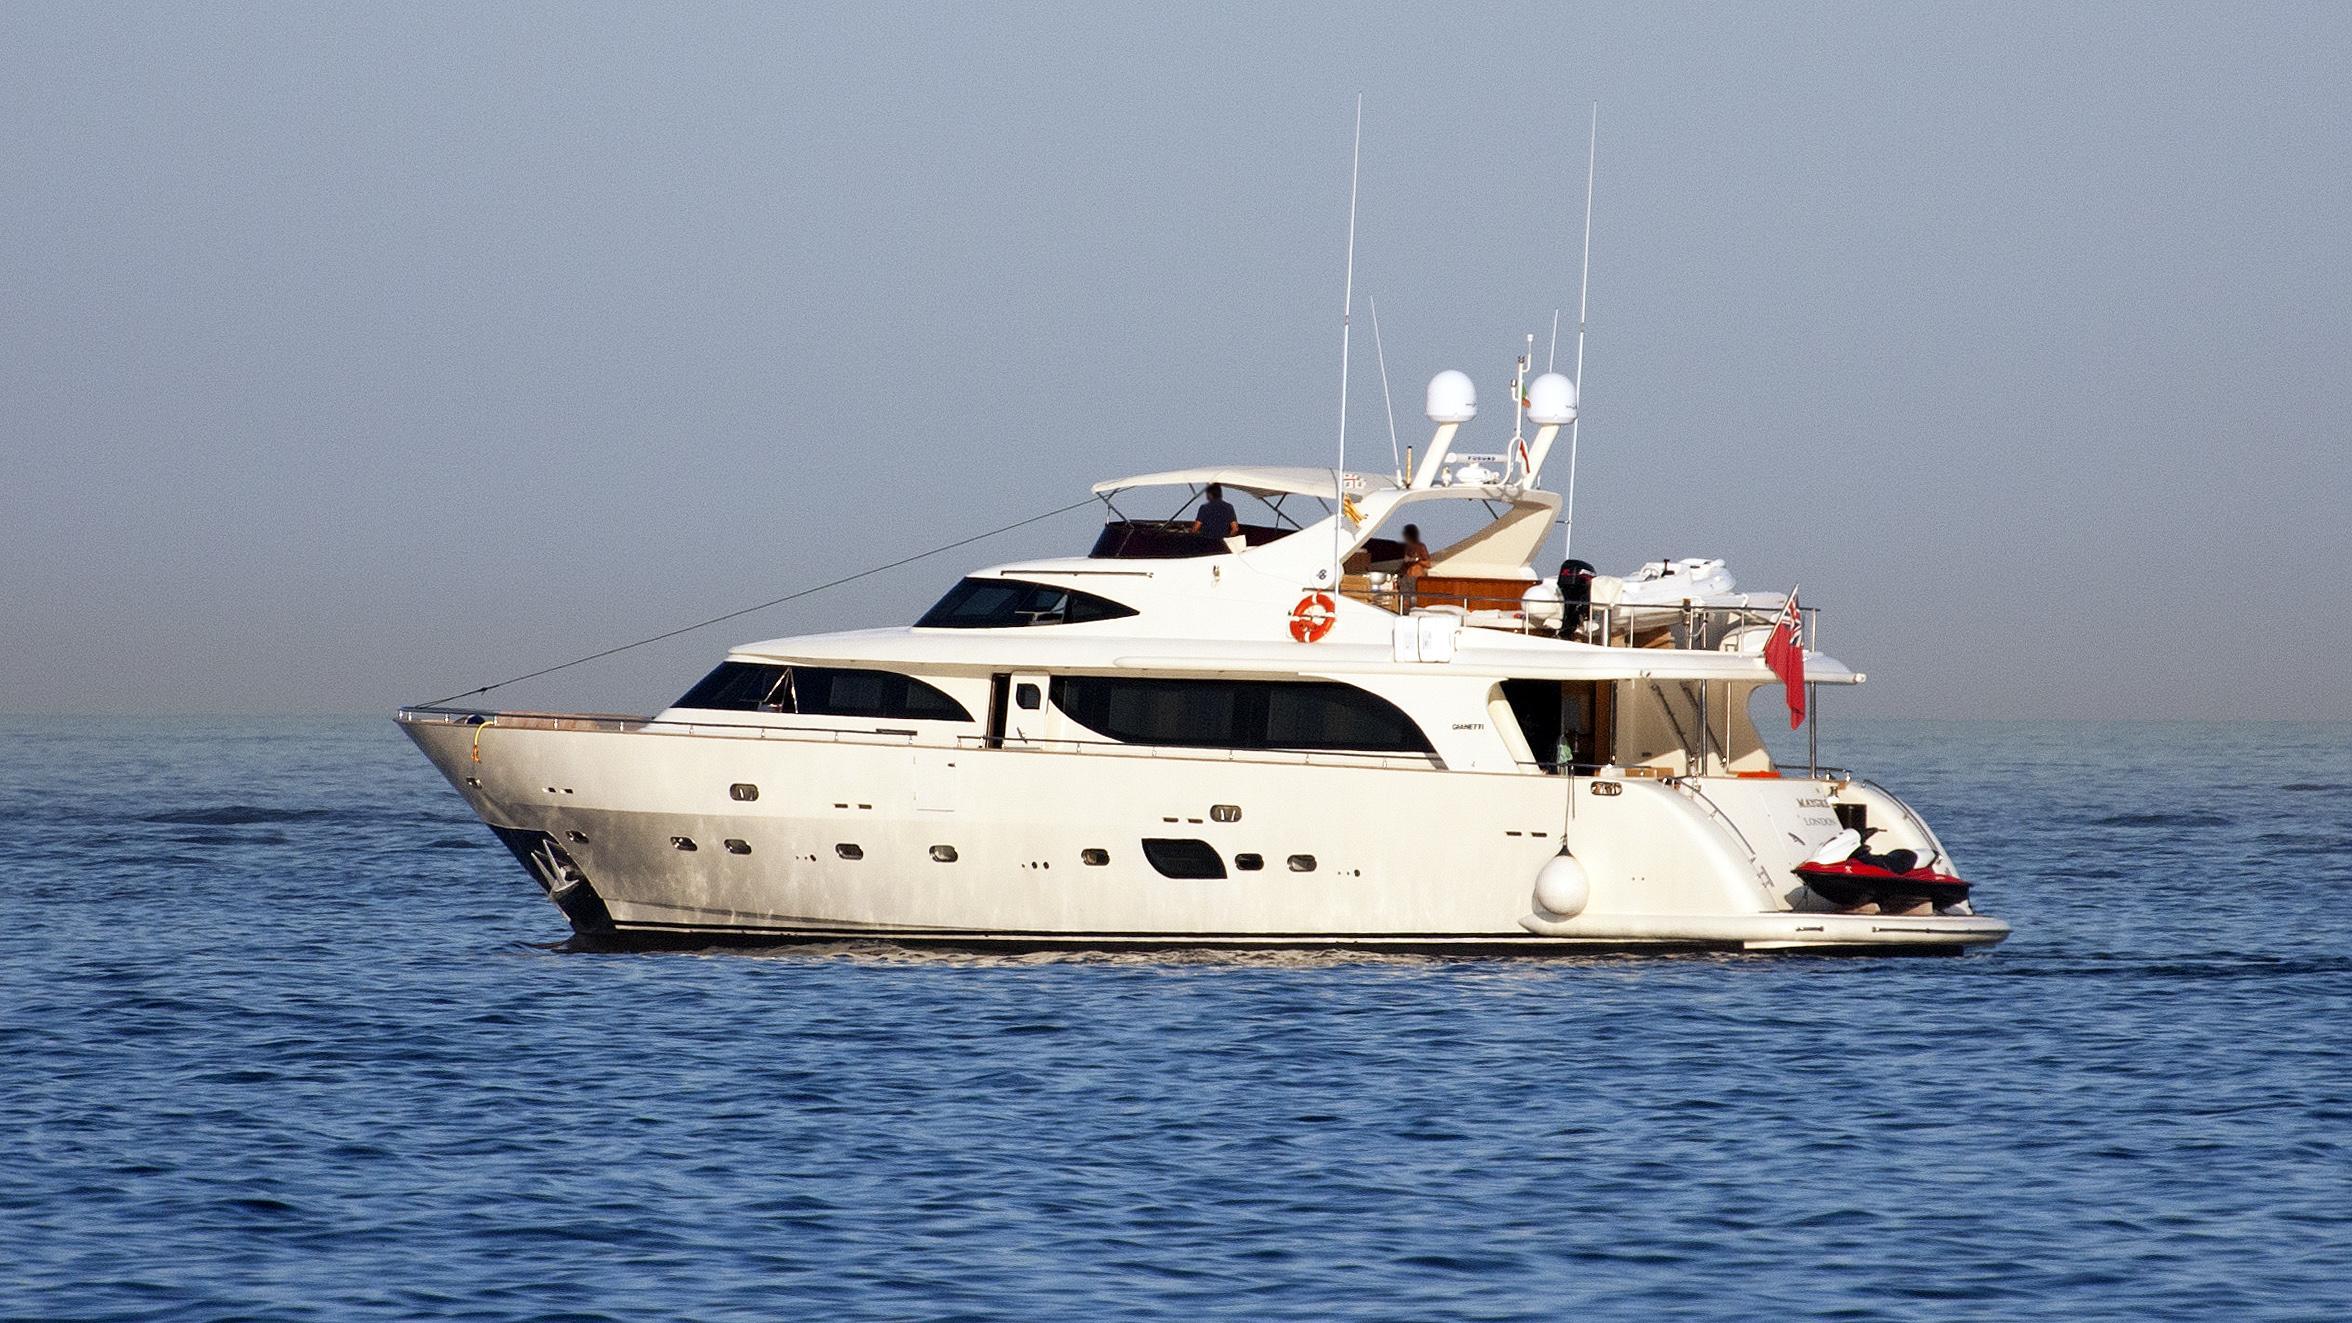 nextoy-motoryacht-gianetti-g85-2007-26m-running-before-refit